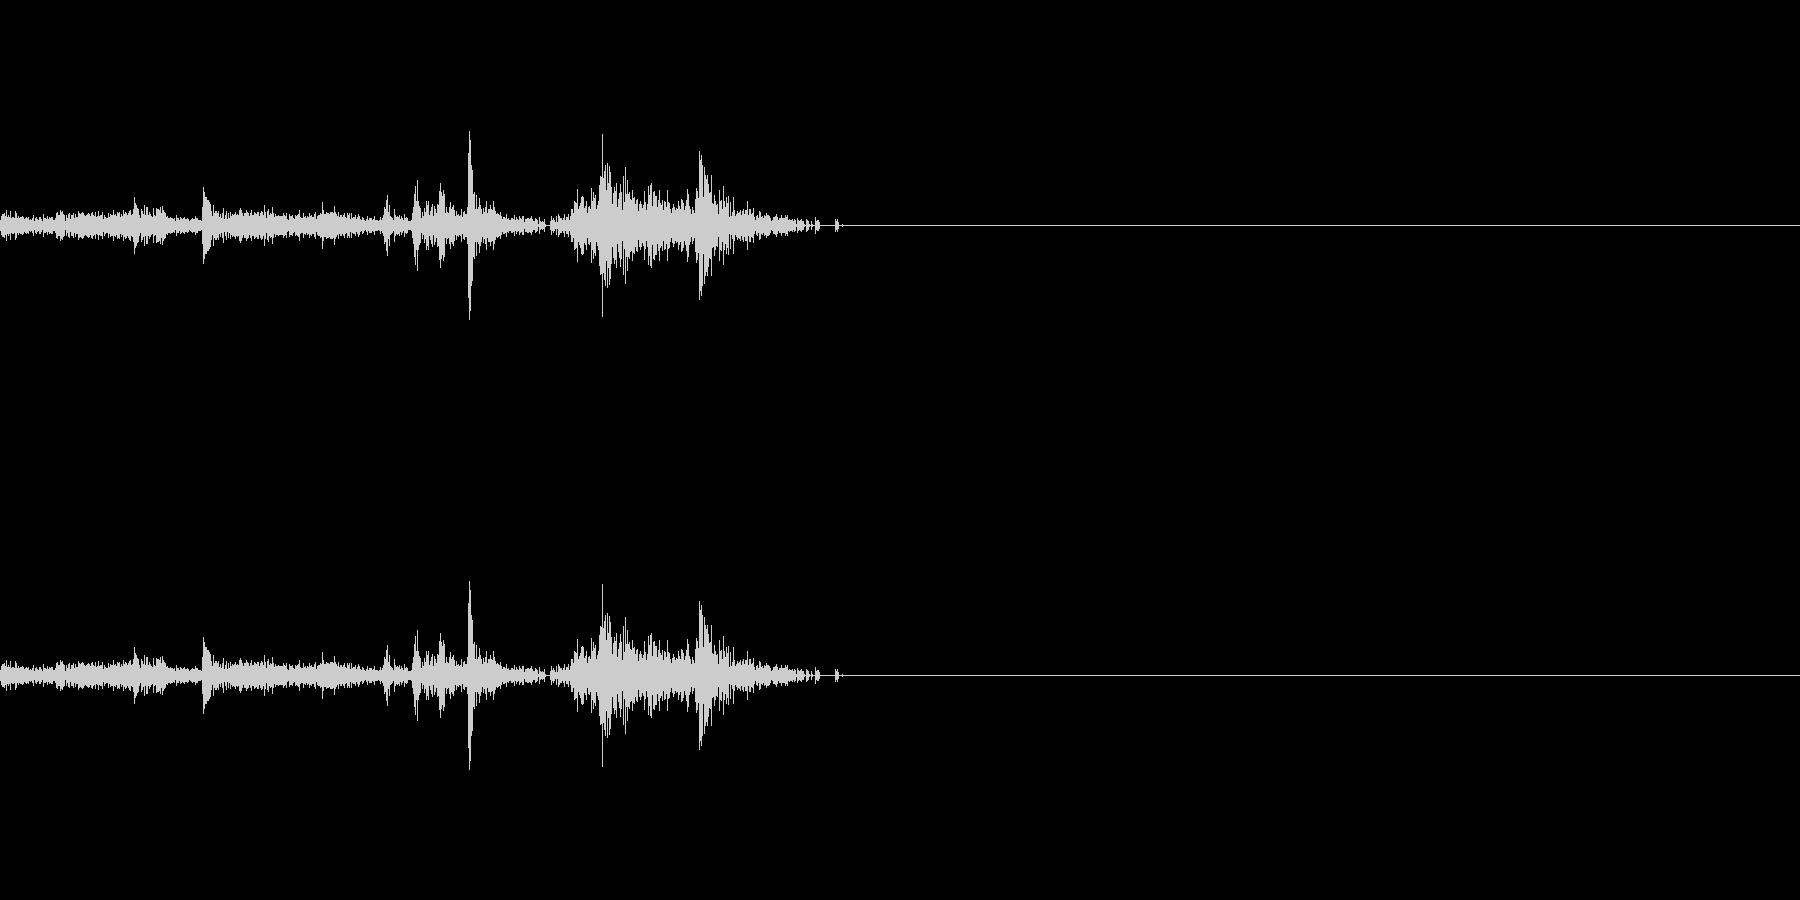 本のページをめくる音 2の未再生の波形